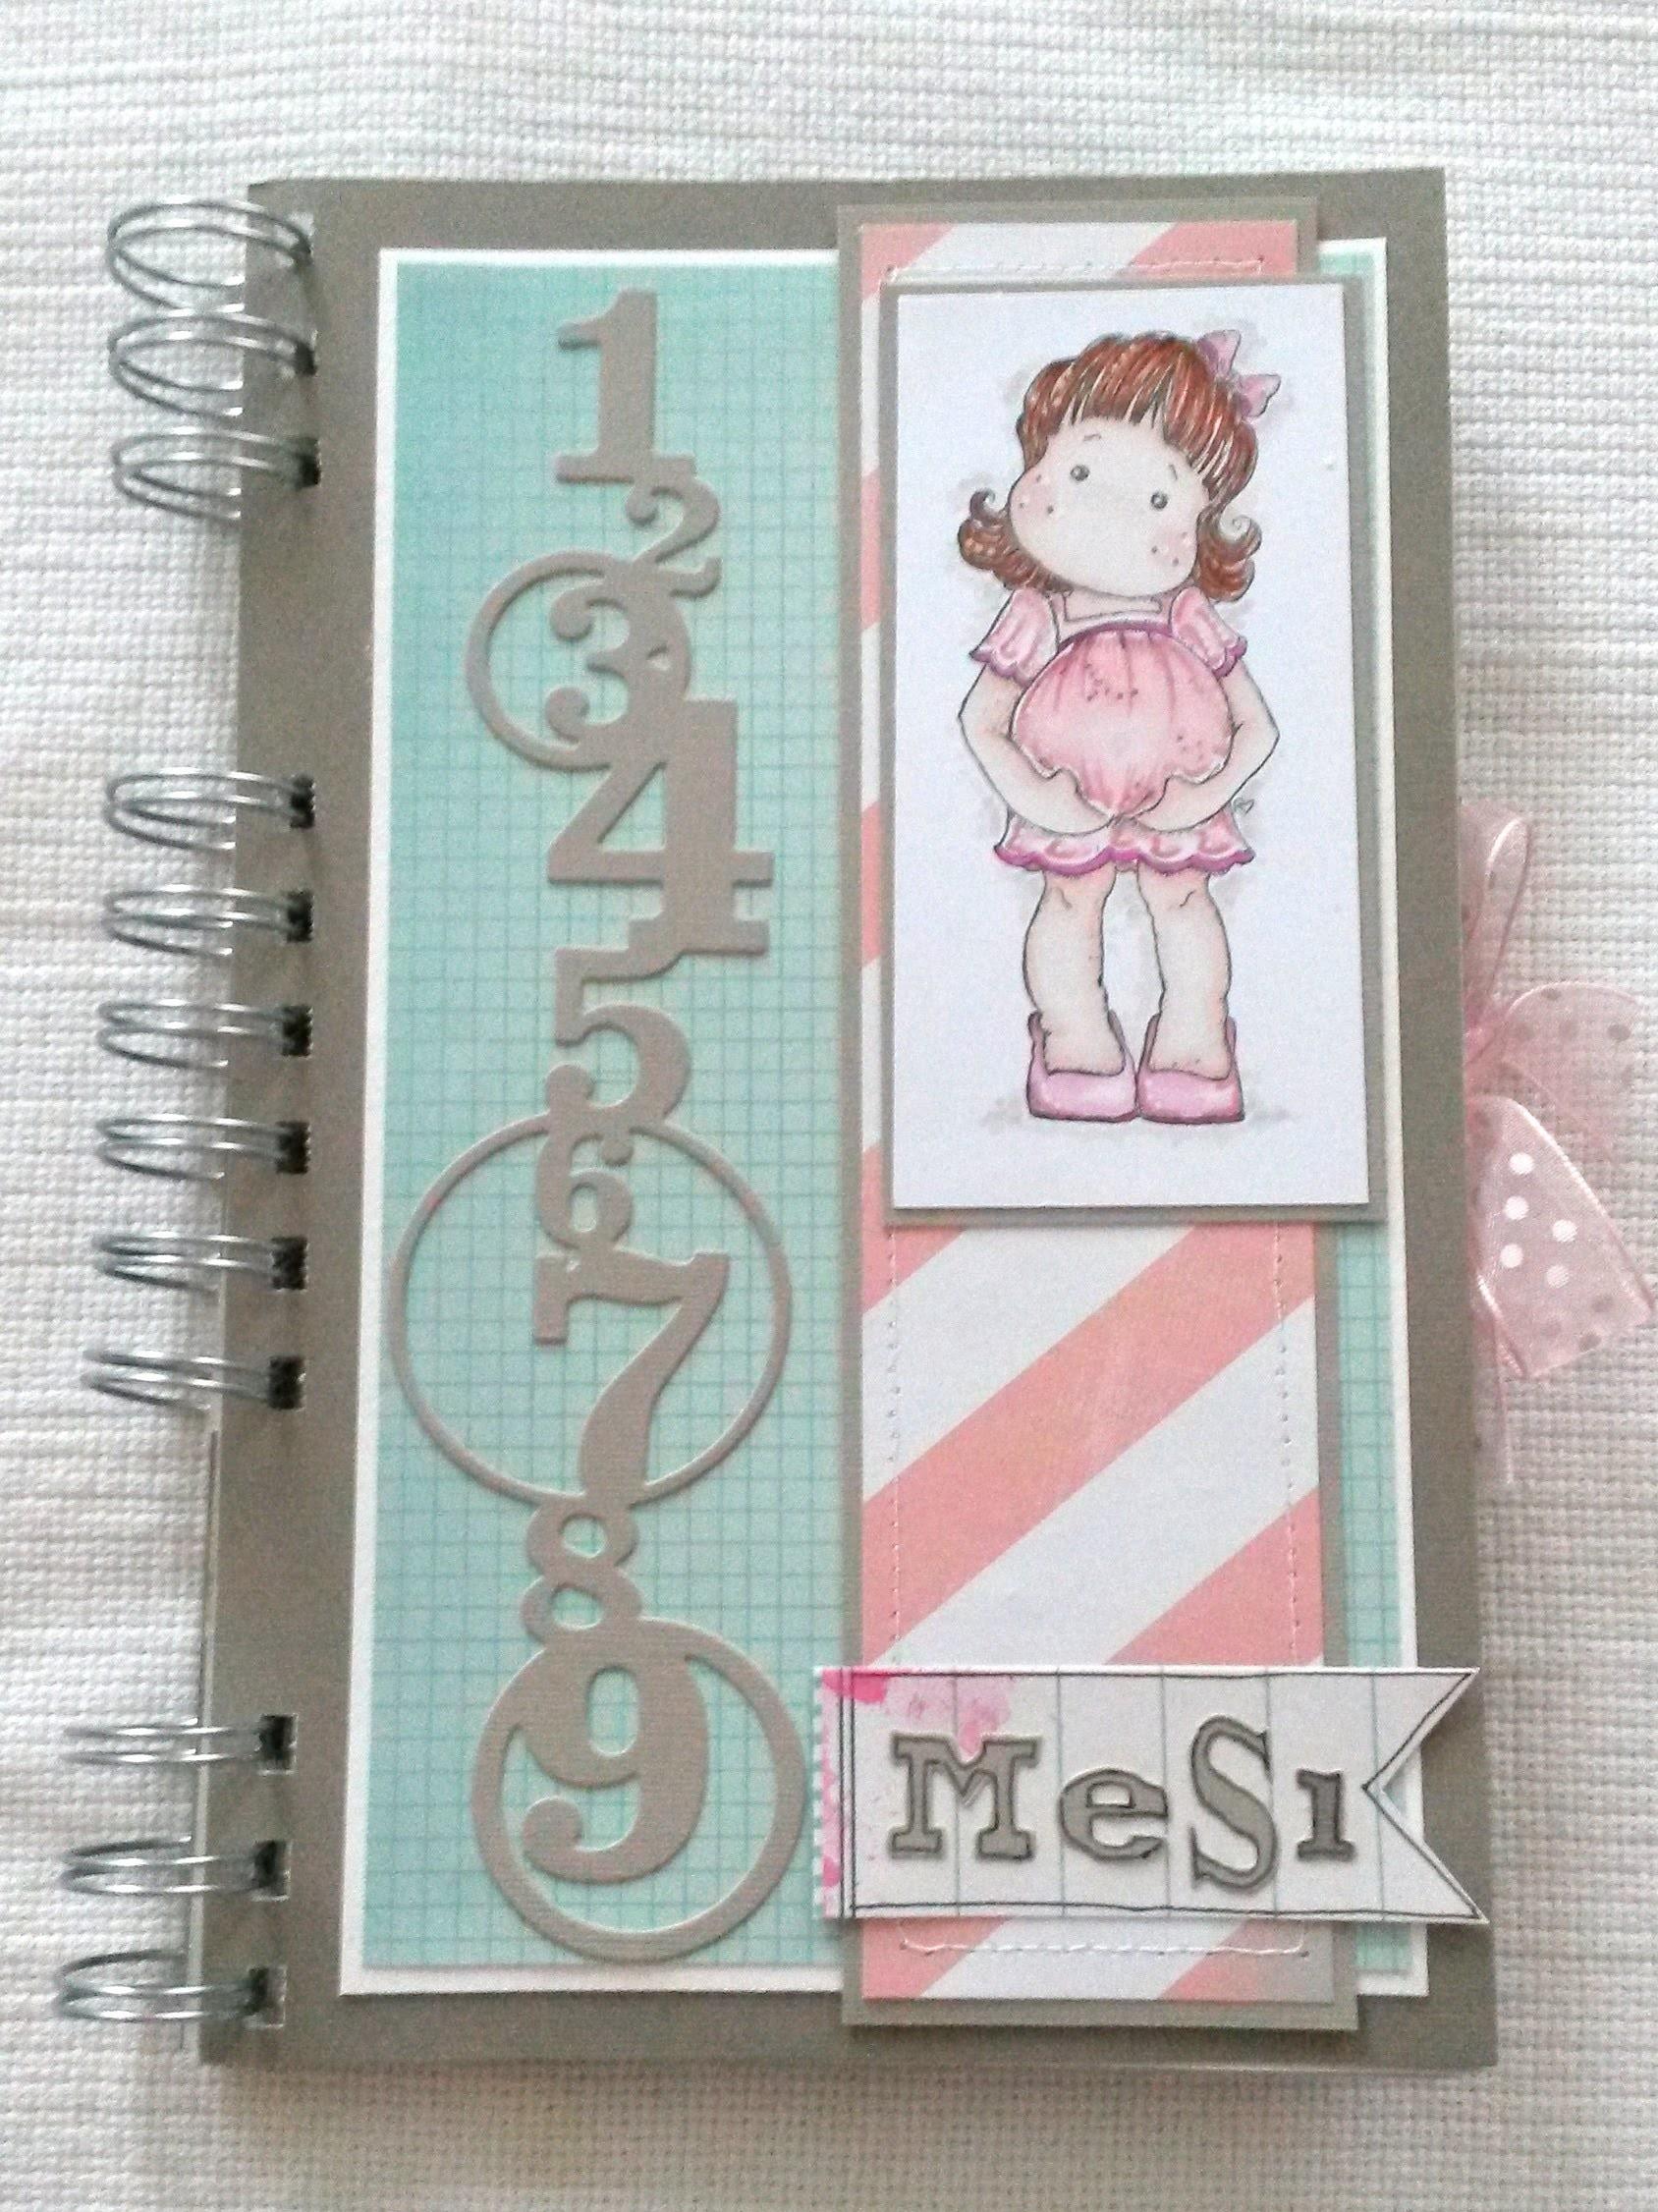 Diario gravidanza (Pregnancy journal) DIY